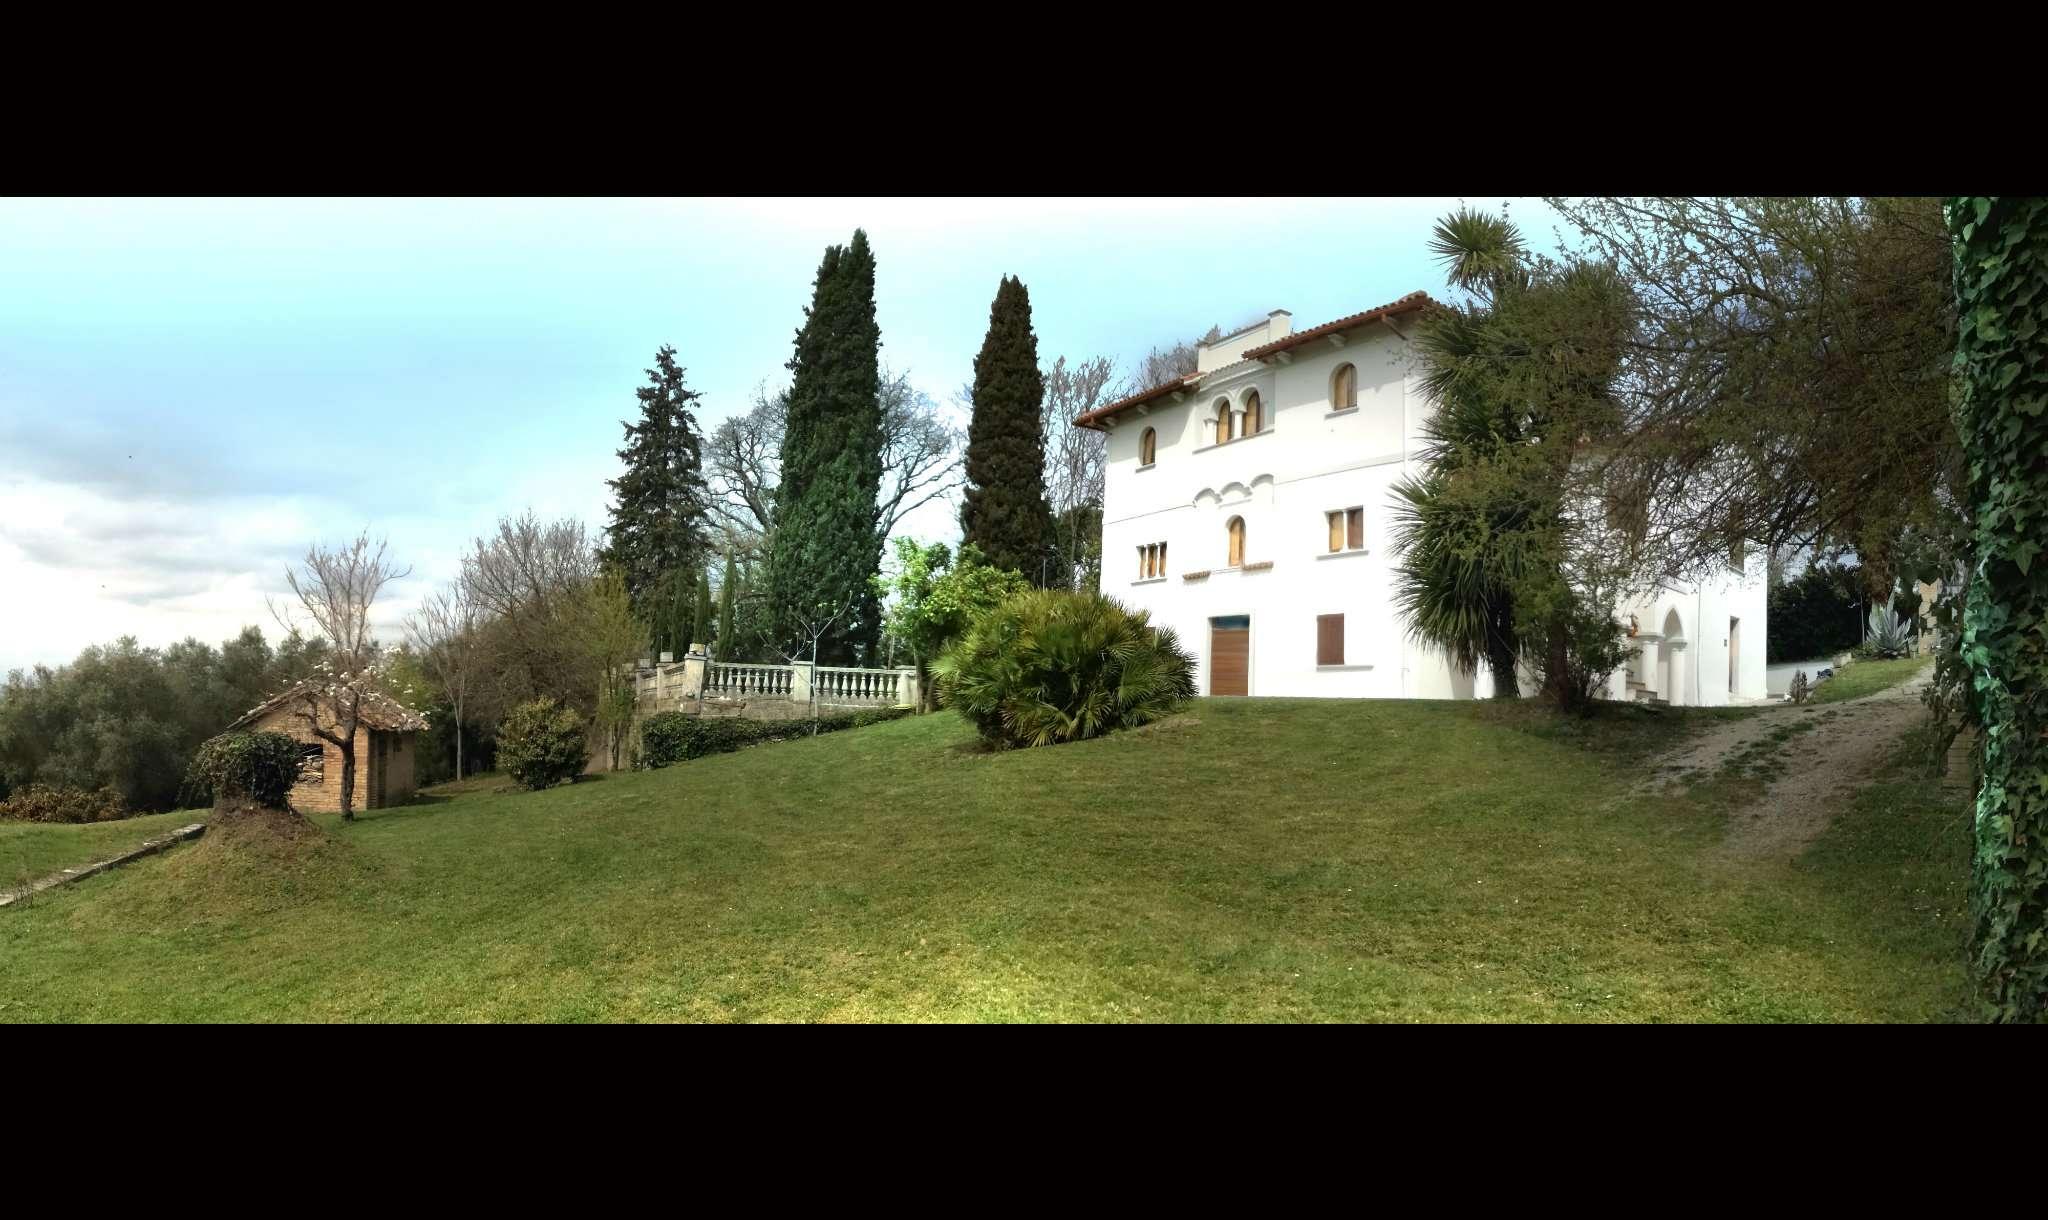 Villa in vendita a Poggio Mirteto (RI)